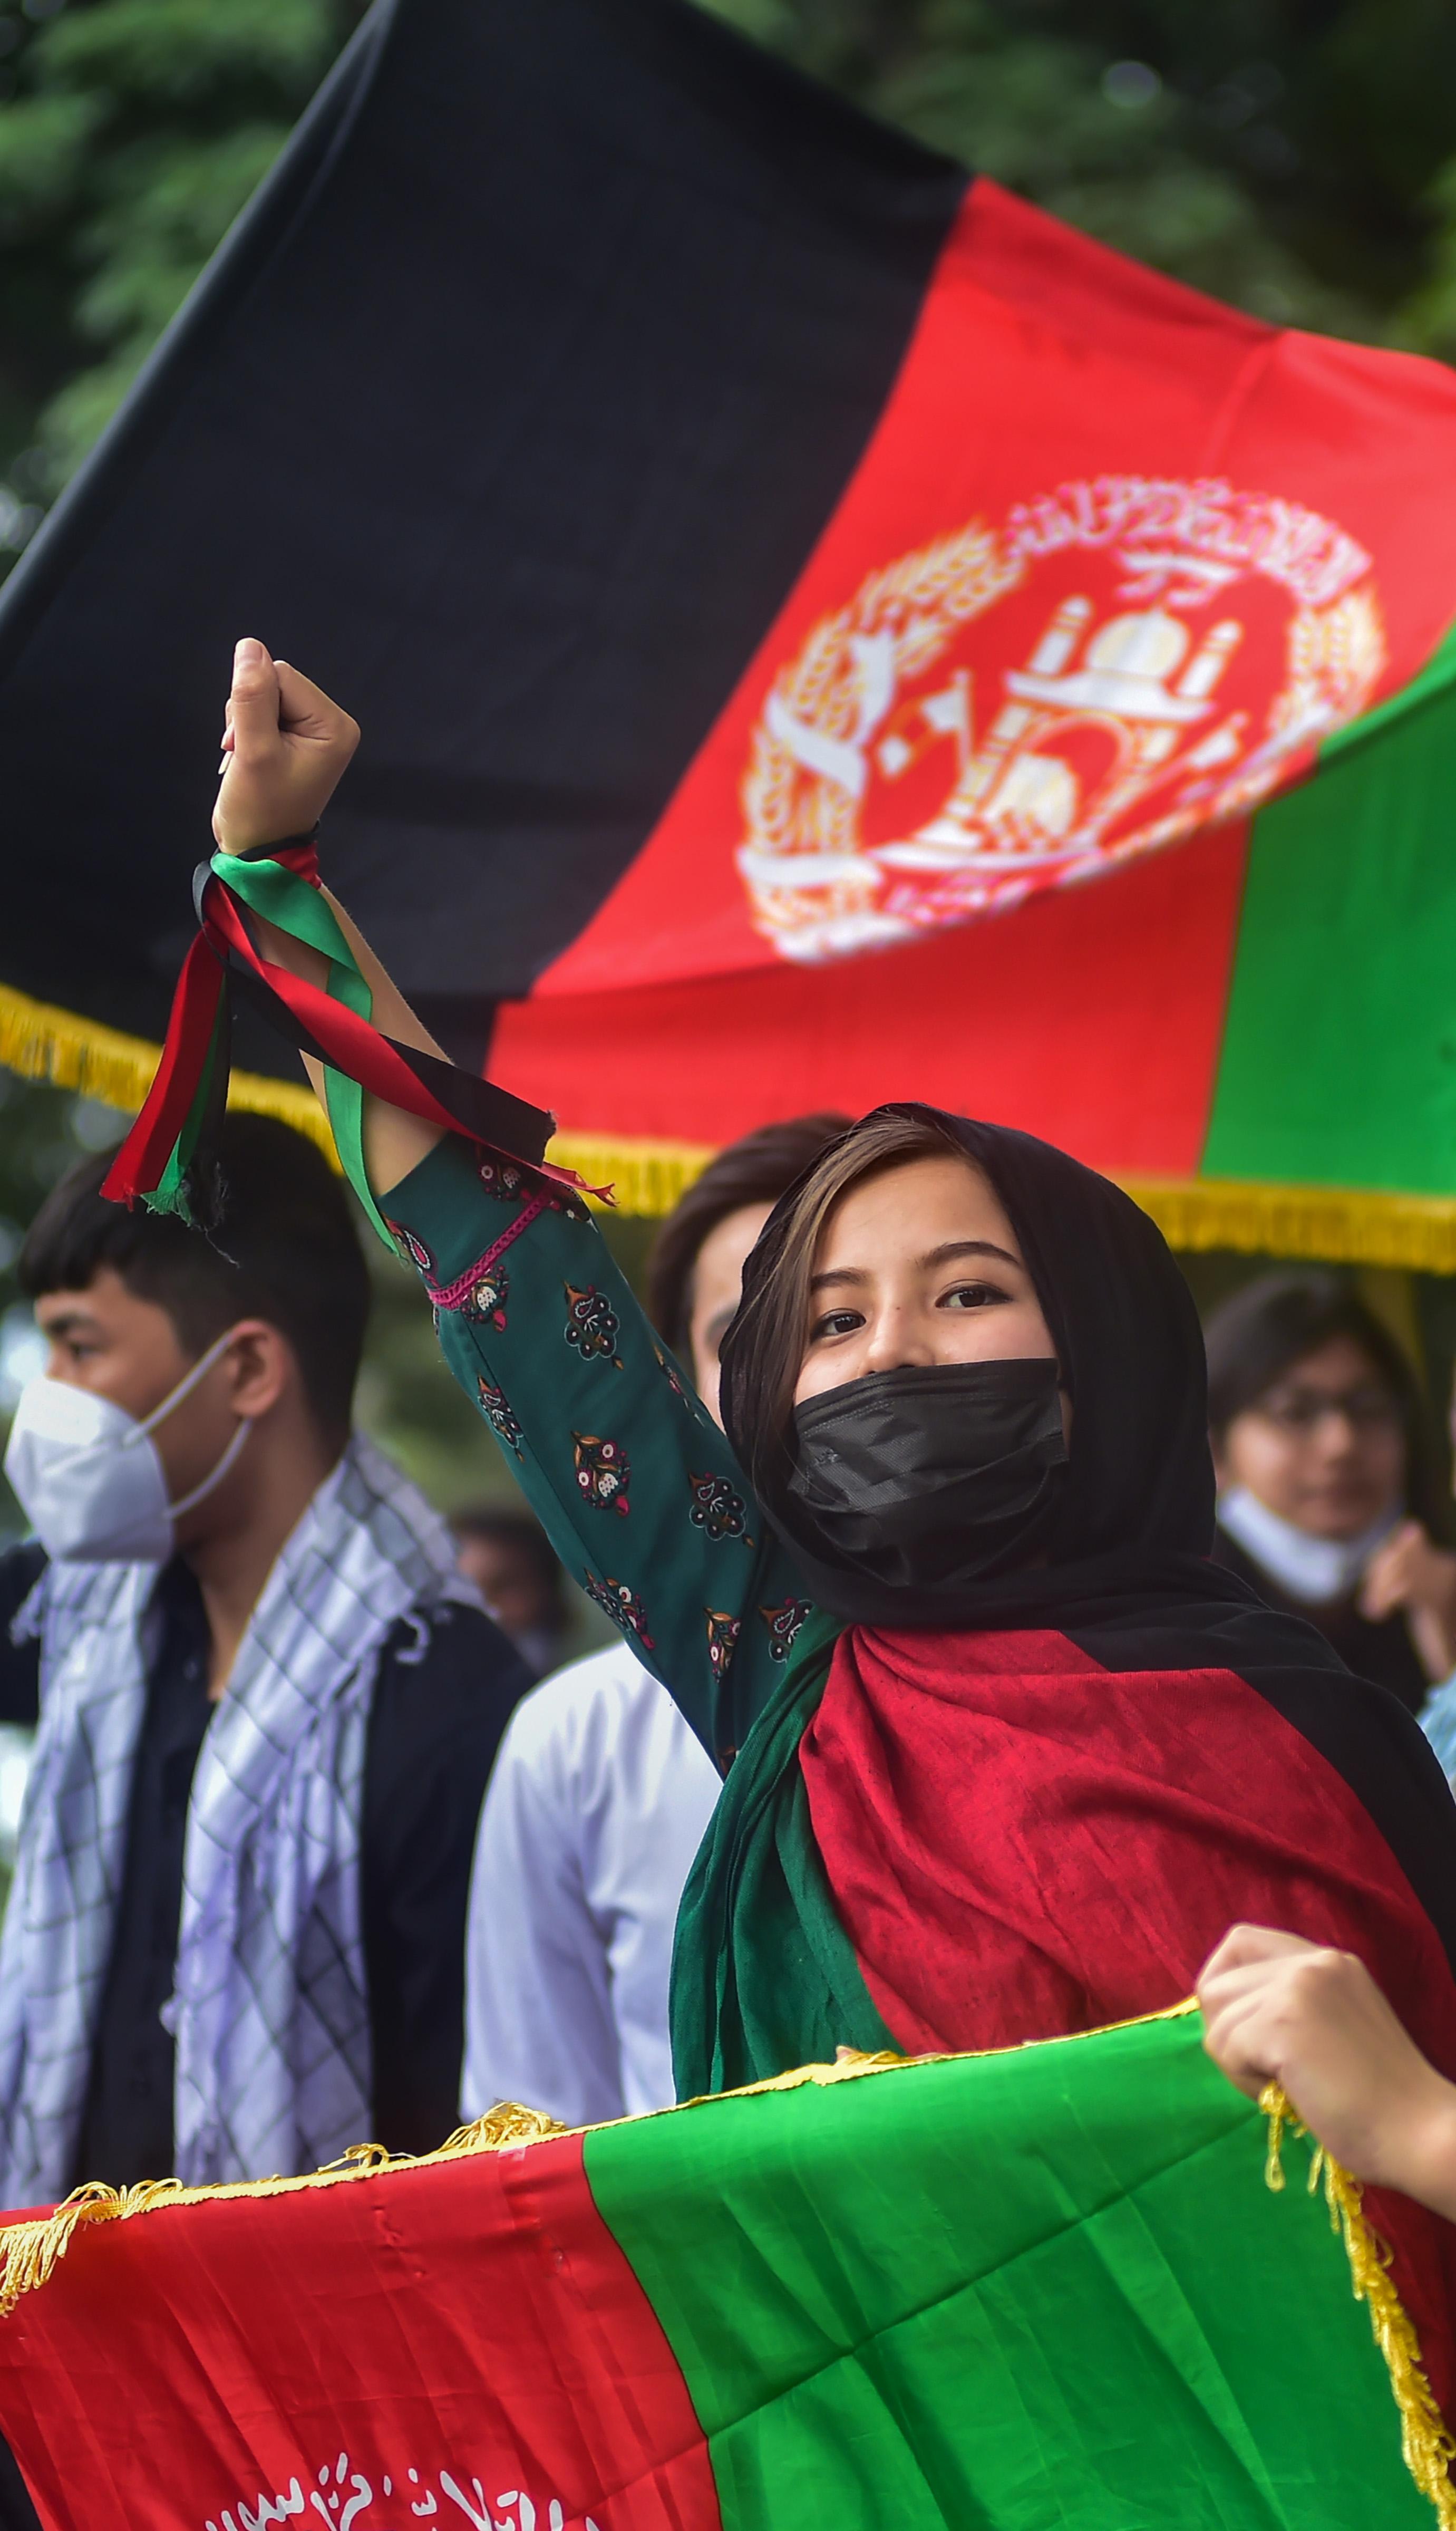 भारत में रह रहे अफगानी भी तालिबान के खिलाफ आवाज उठा रहे हैं। फोटो बेंगलुरु की है, जहां अफगानी छात्रों ने तालिबान के खिलाफ प्रदर्शन किया।